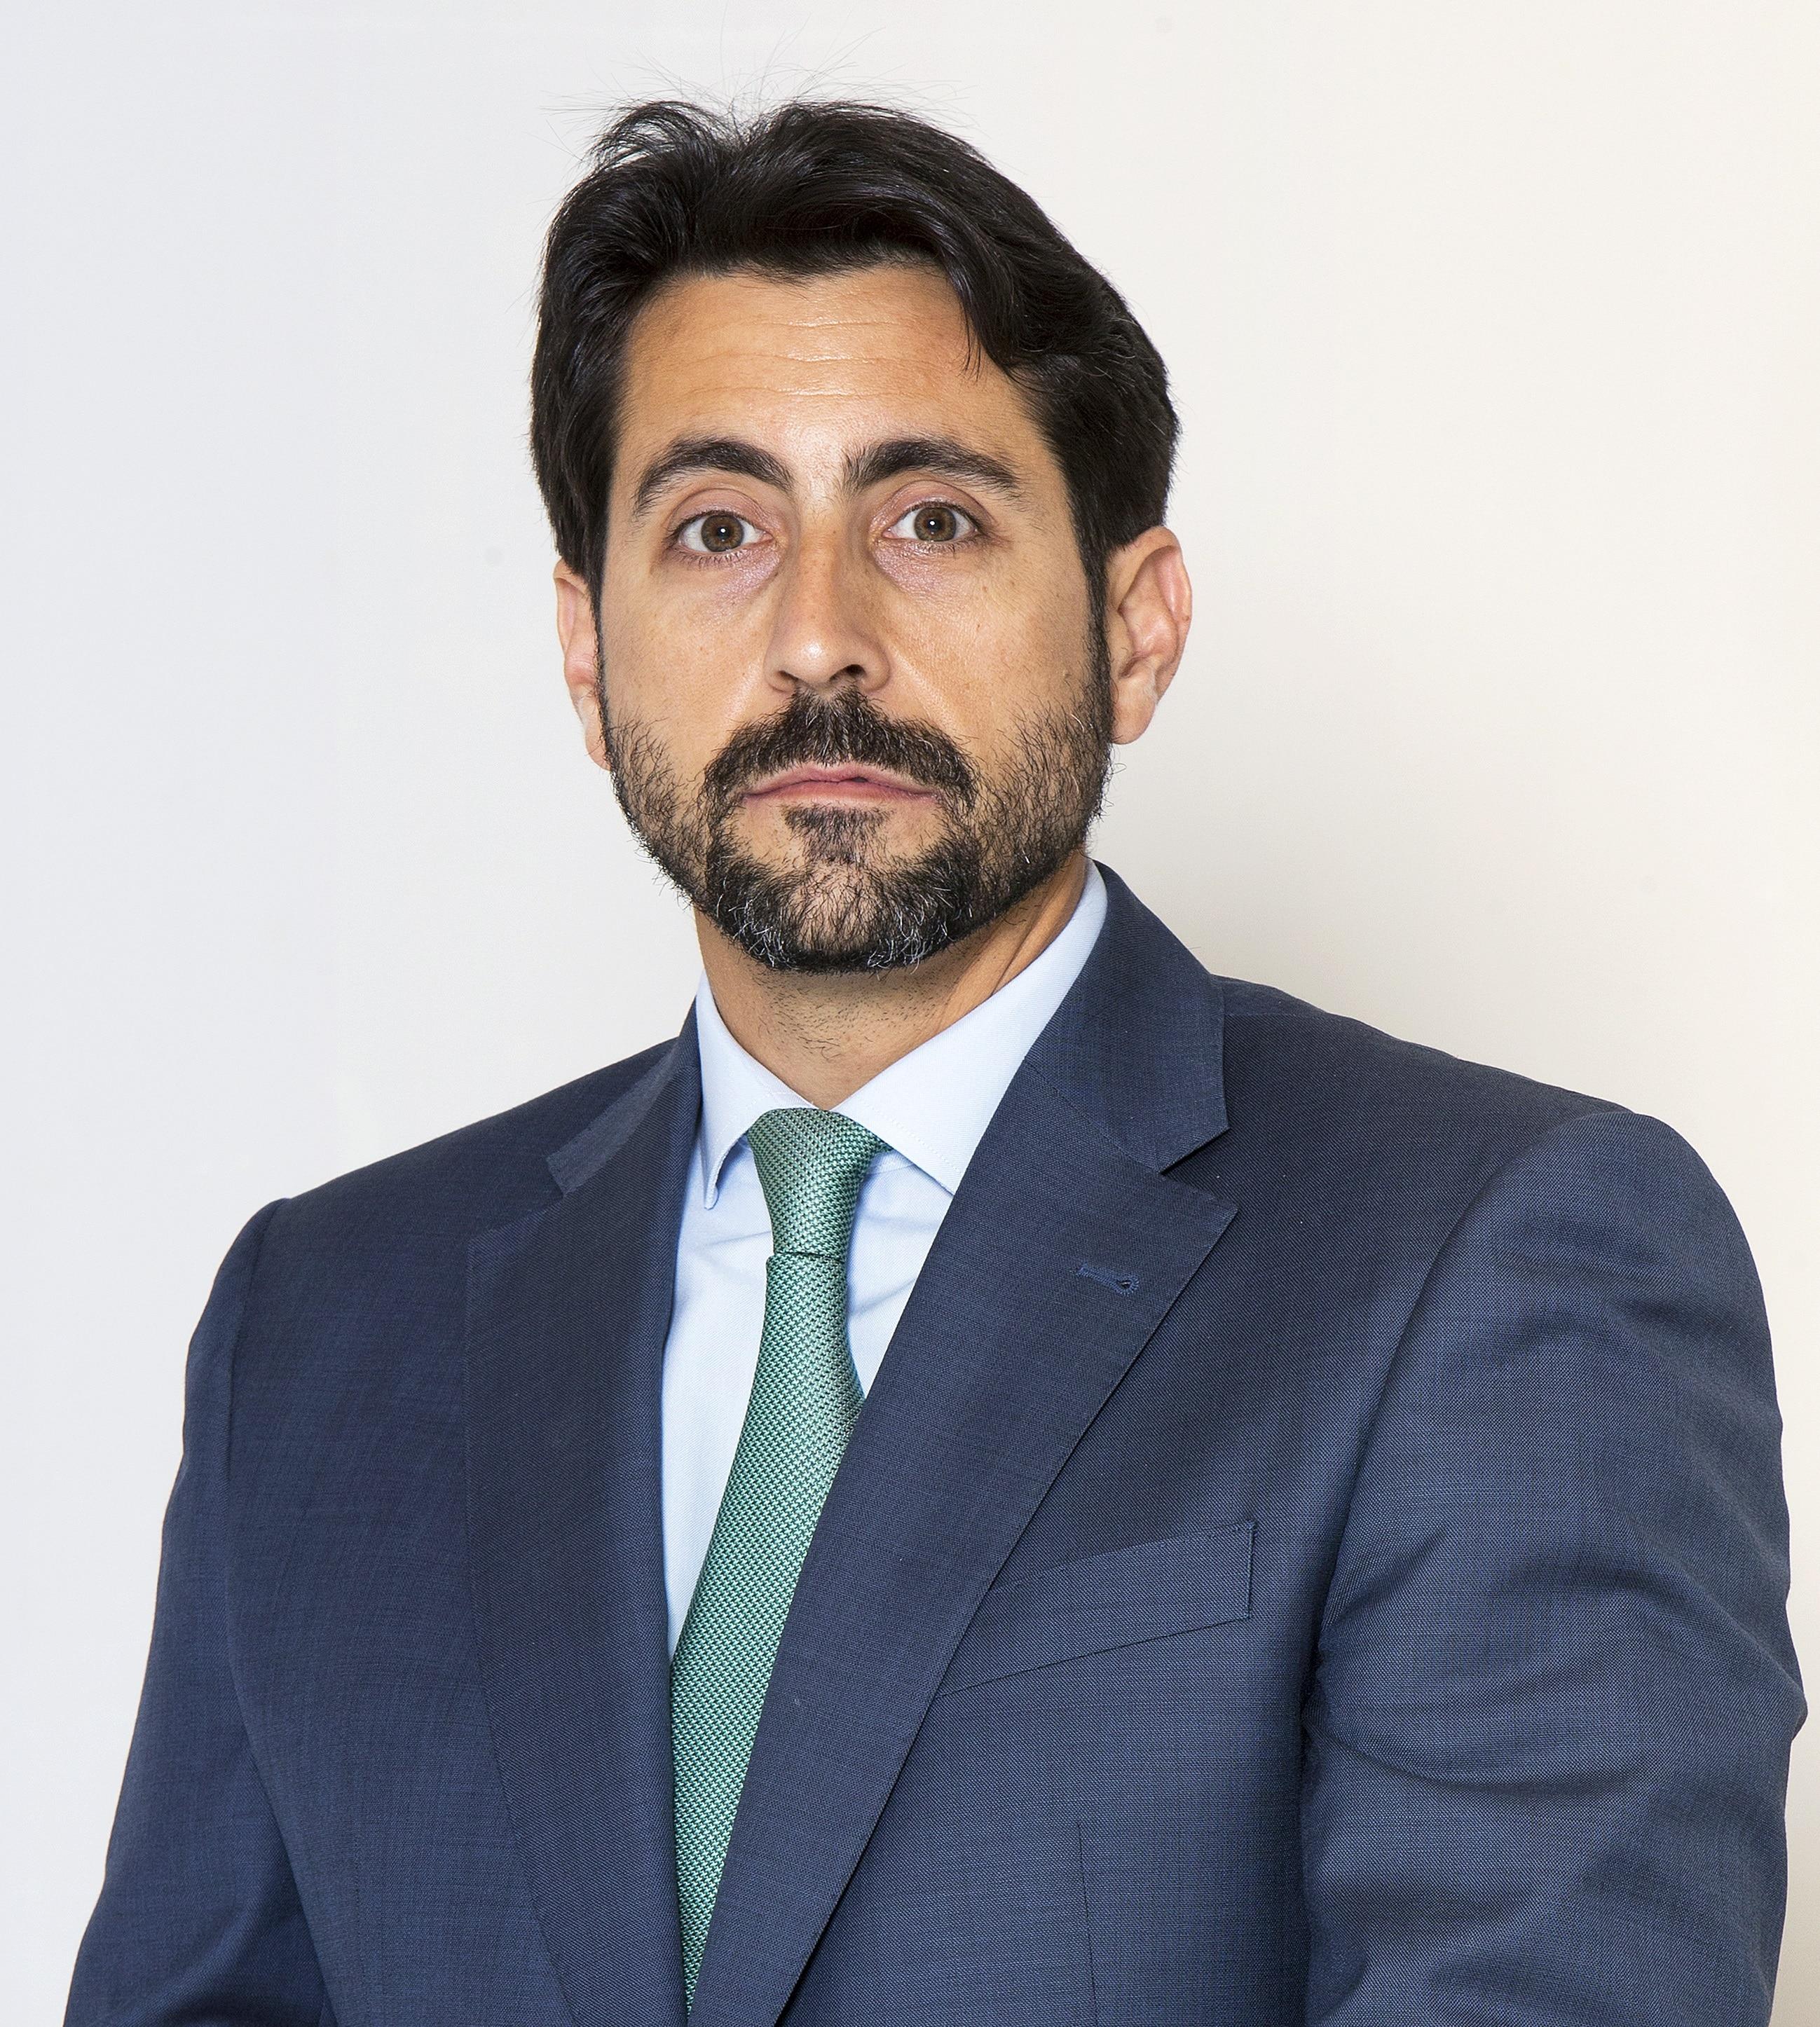 Carlos Rami Pérez